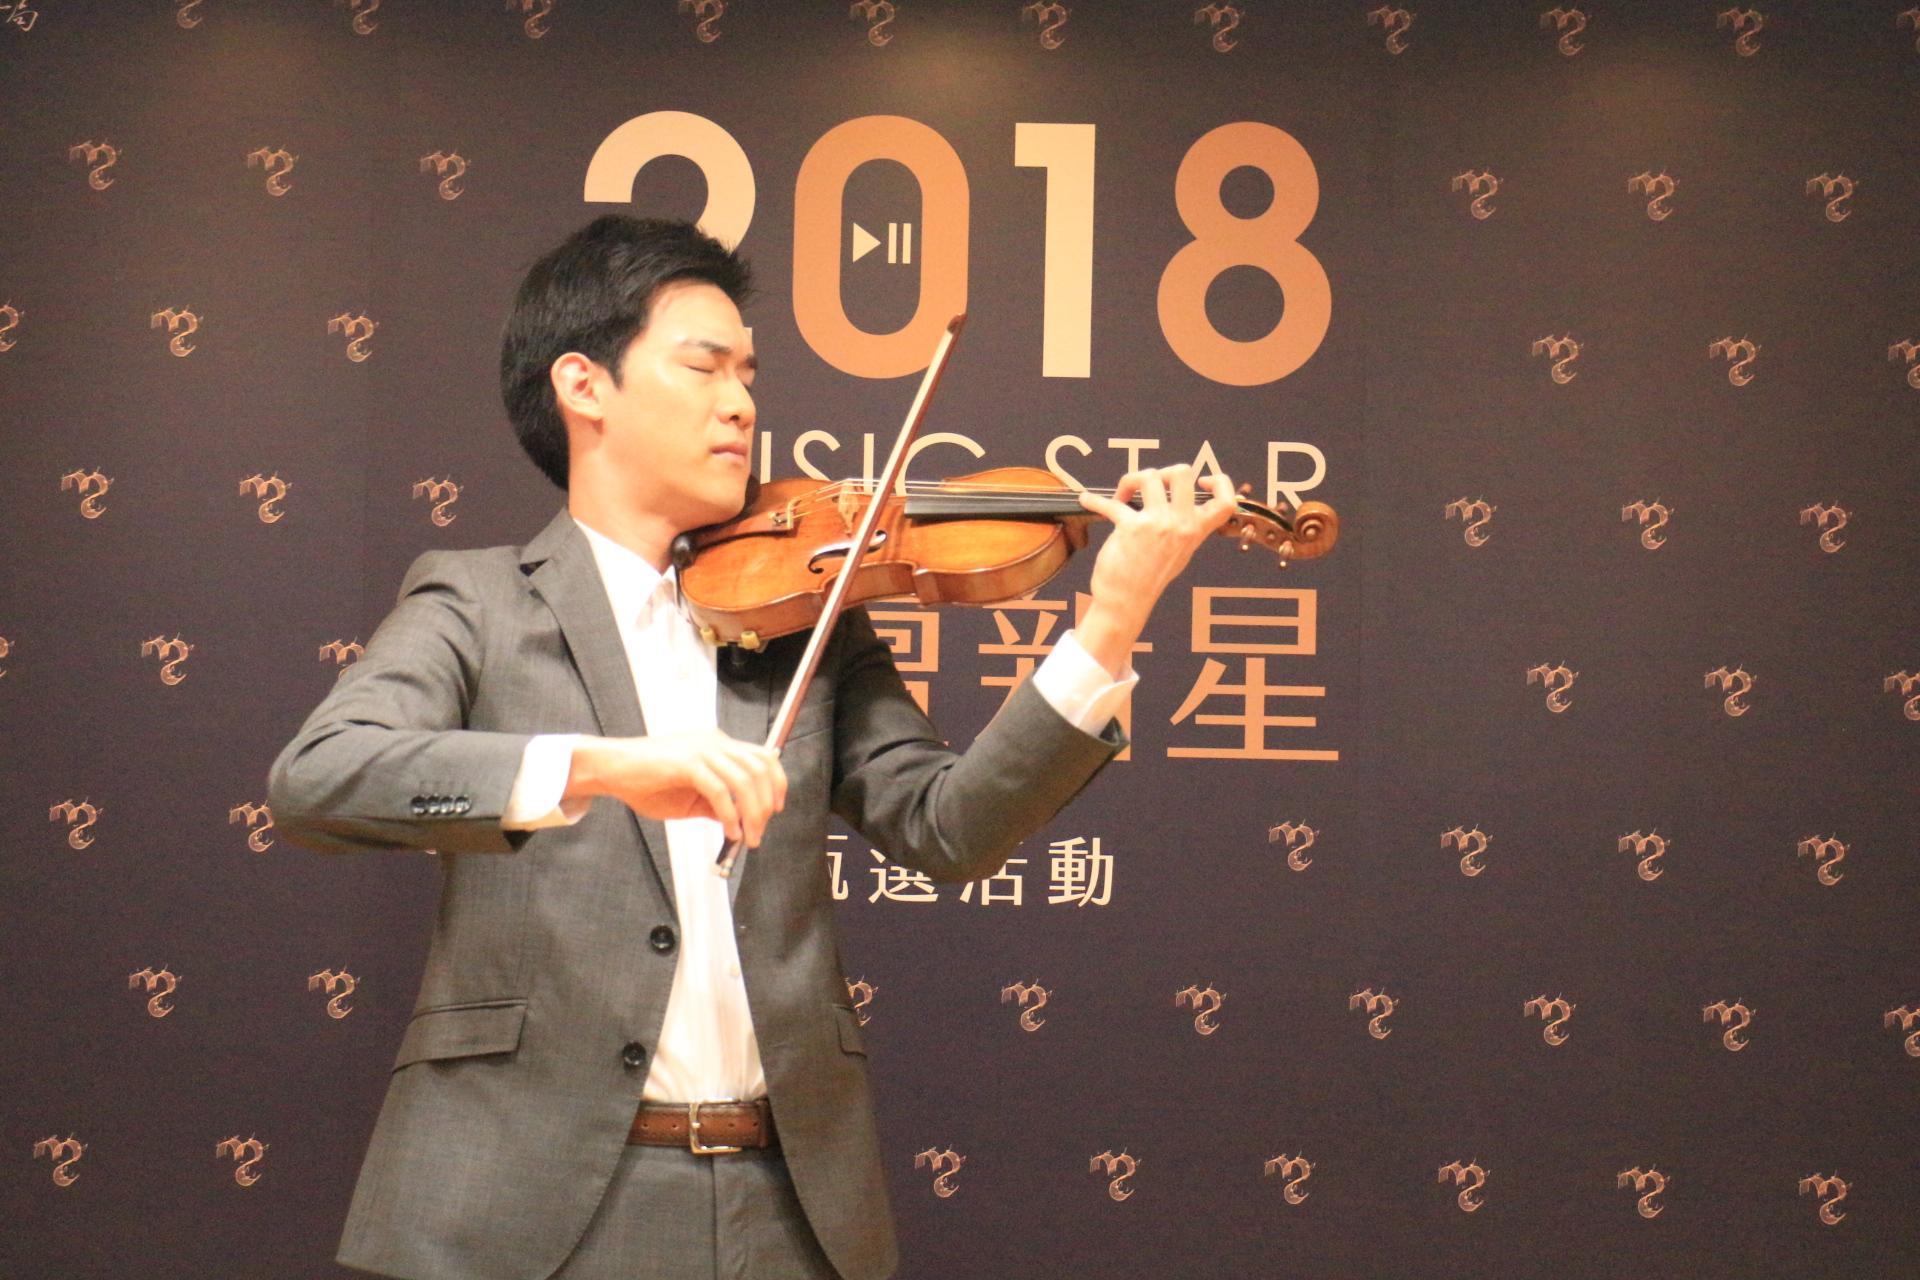 「2018樂壇新星」獎金再加碼! 量身打造屬於你的新秀之路,新生代小提琴家林品任現身代言